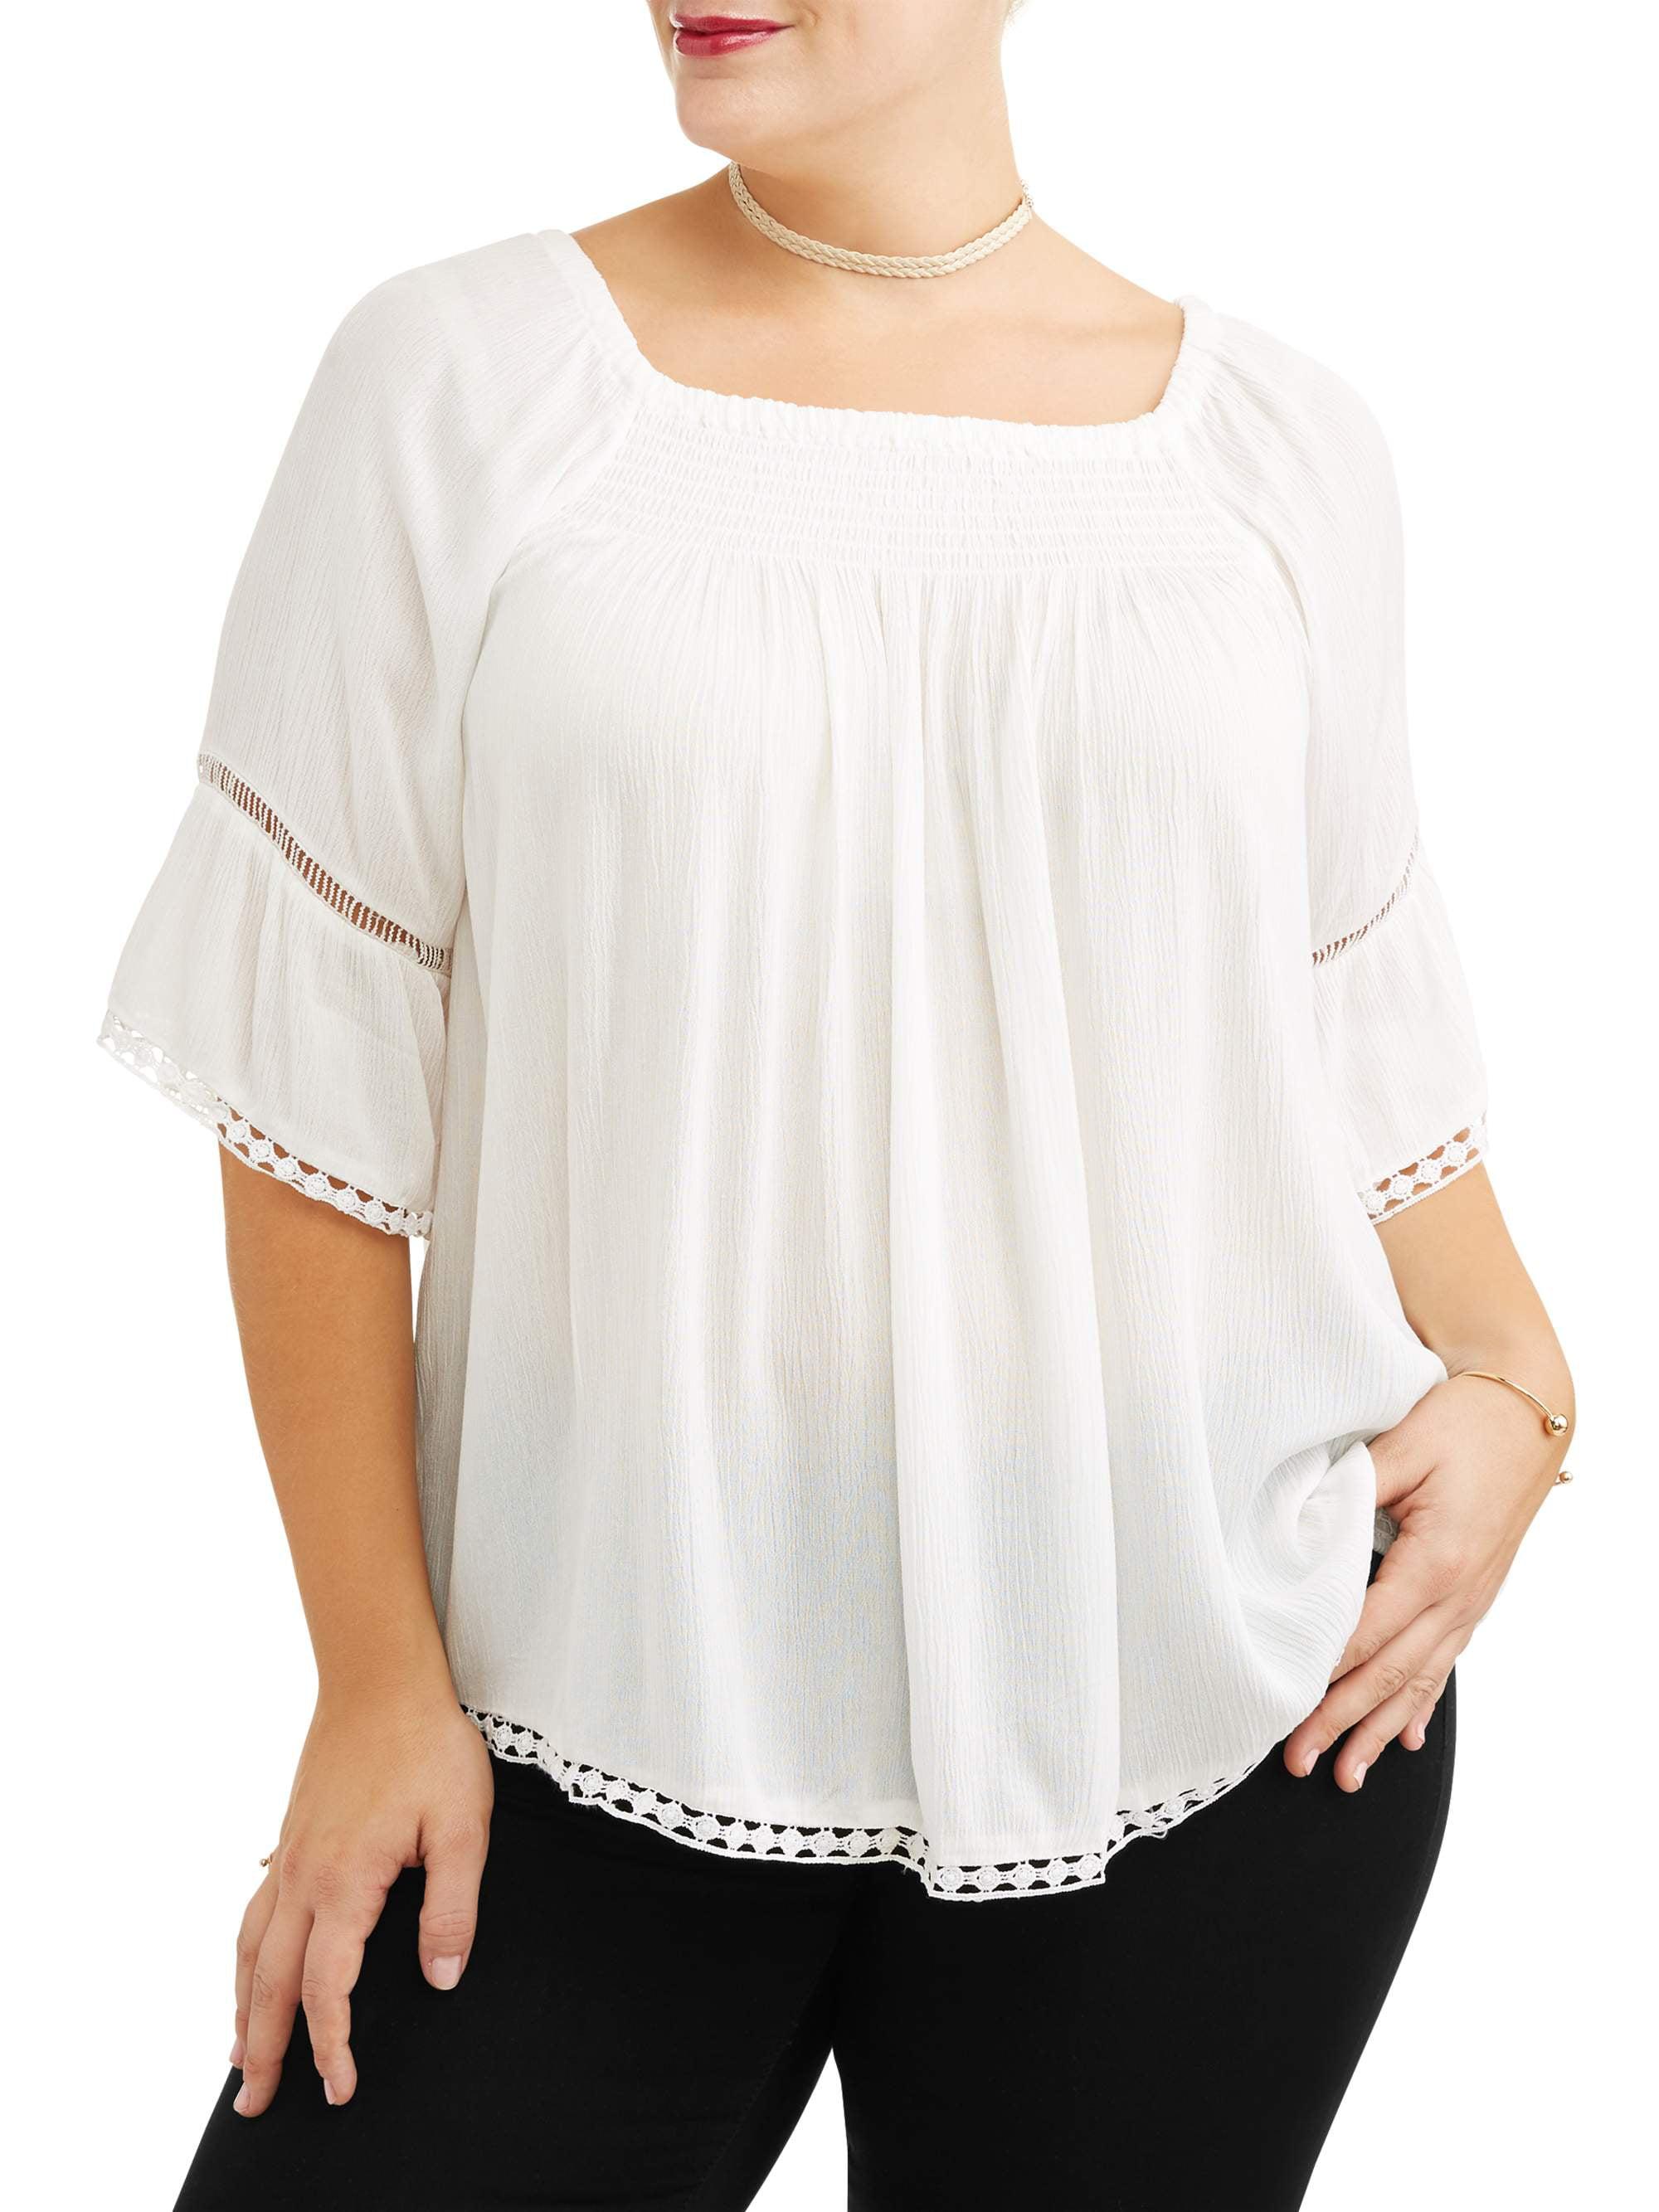 337c43ef68b Me Jane - Women s Plus Size Crochet Bib Blouse - Walmart.com